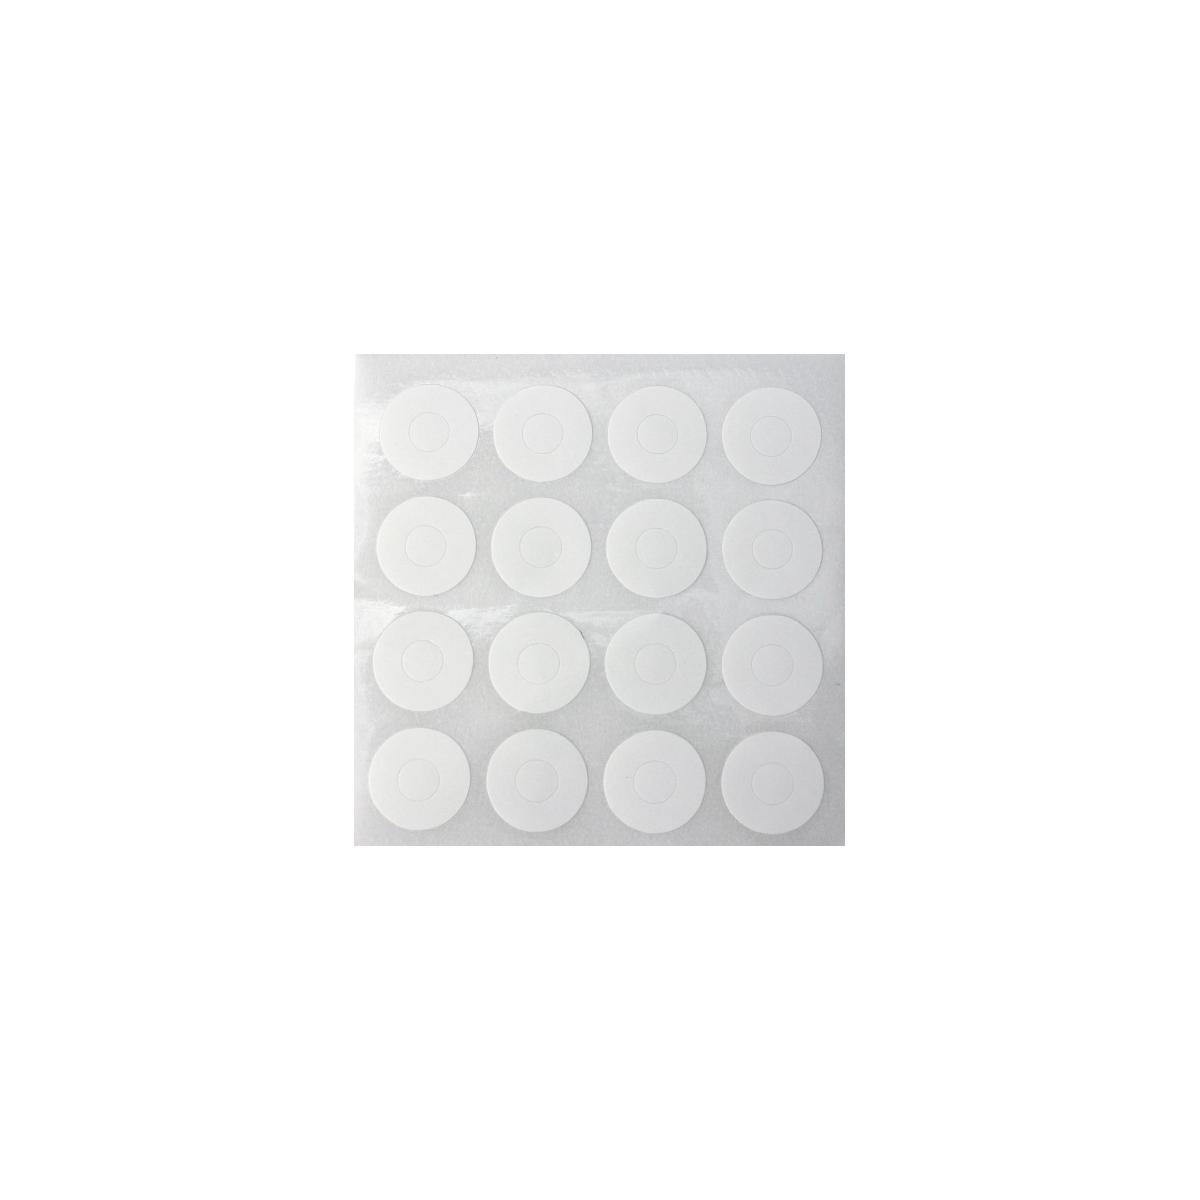 https://www.kit-manucure.com/1160-thickbox_default/guides-ronds-pour-manucure-pochoirs-autocollants-pour-nail-art.jpg